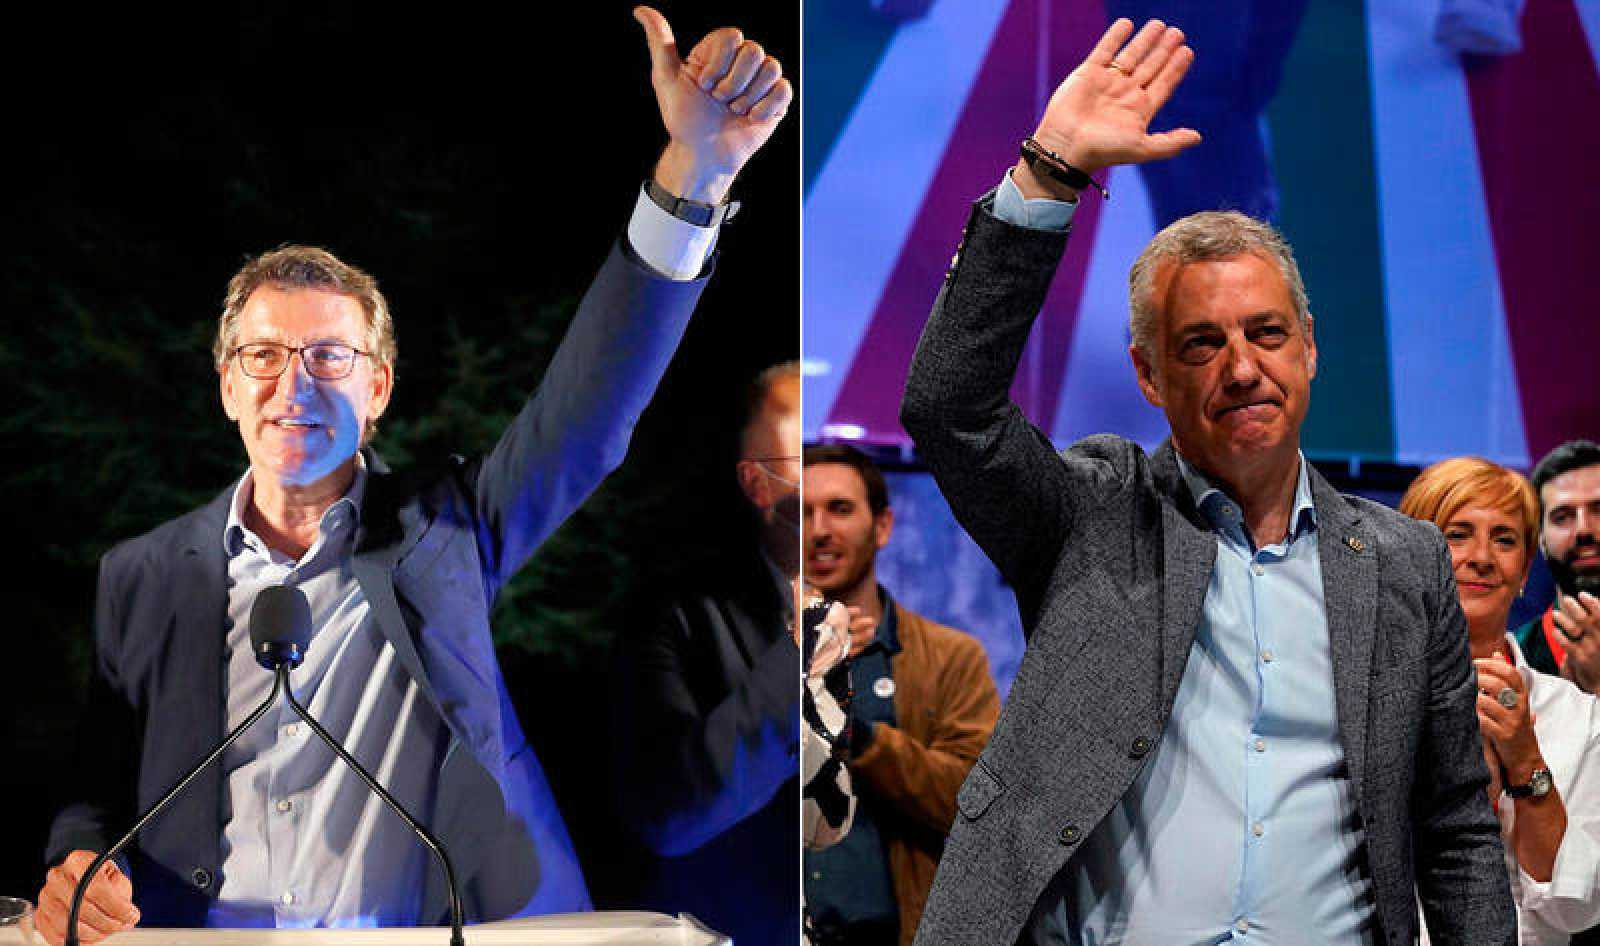 Los líderes Alberto Núñez Feijóo (PP) e Iñigo Ukullu (PNV), vencedores de las elecciones gallegas y vascas